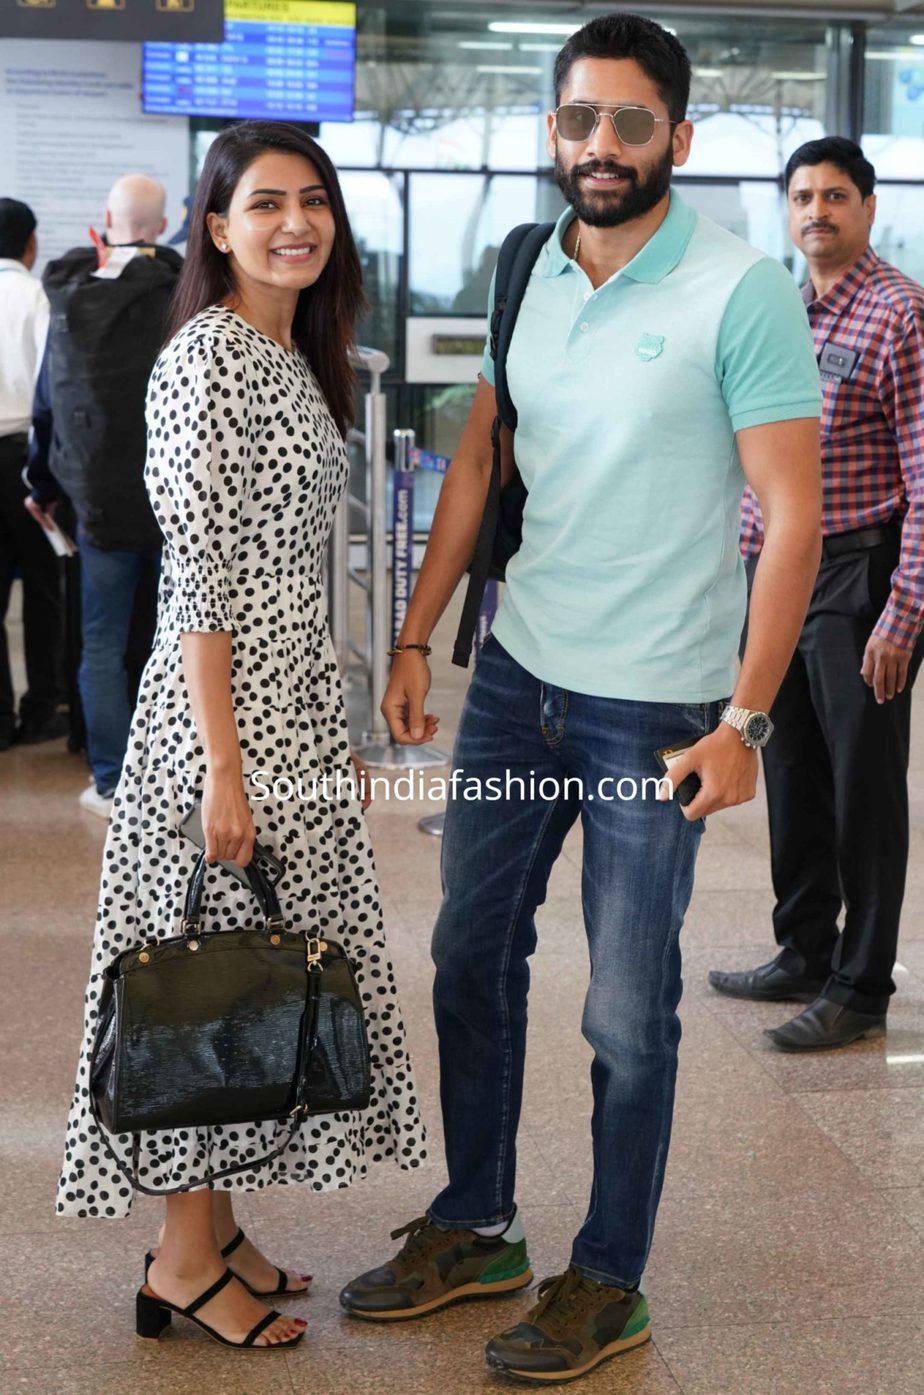 samantha naga chaitanya at airport (1)